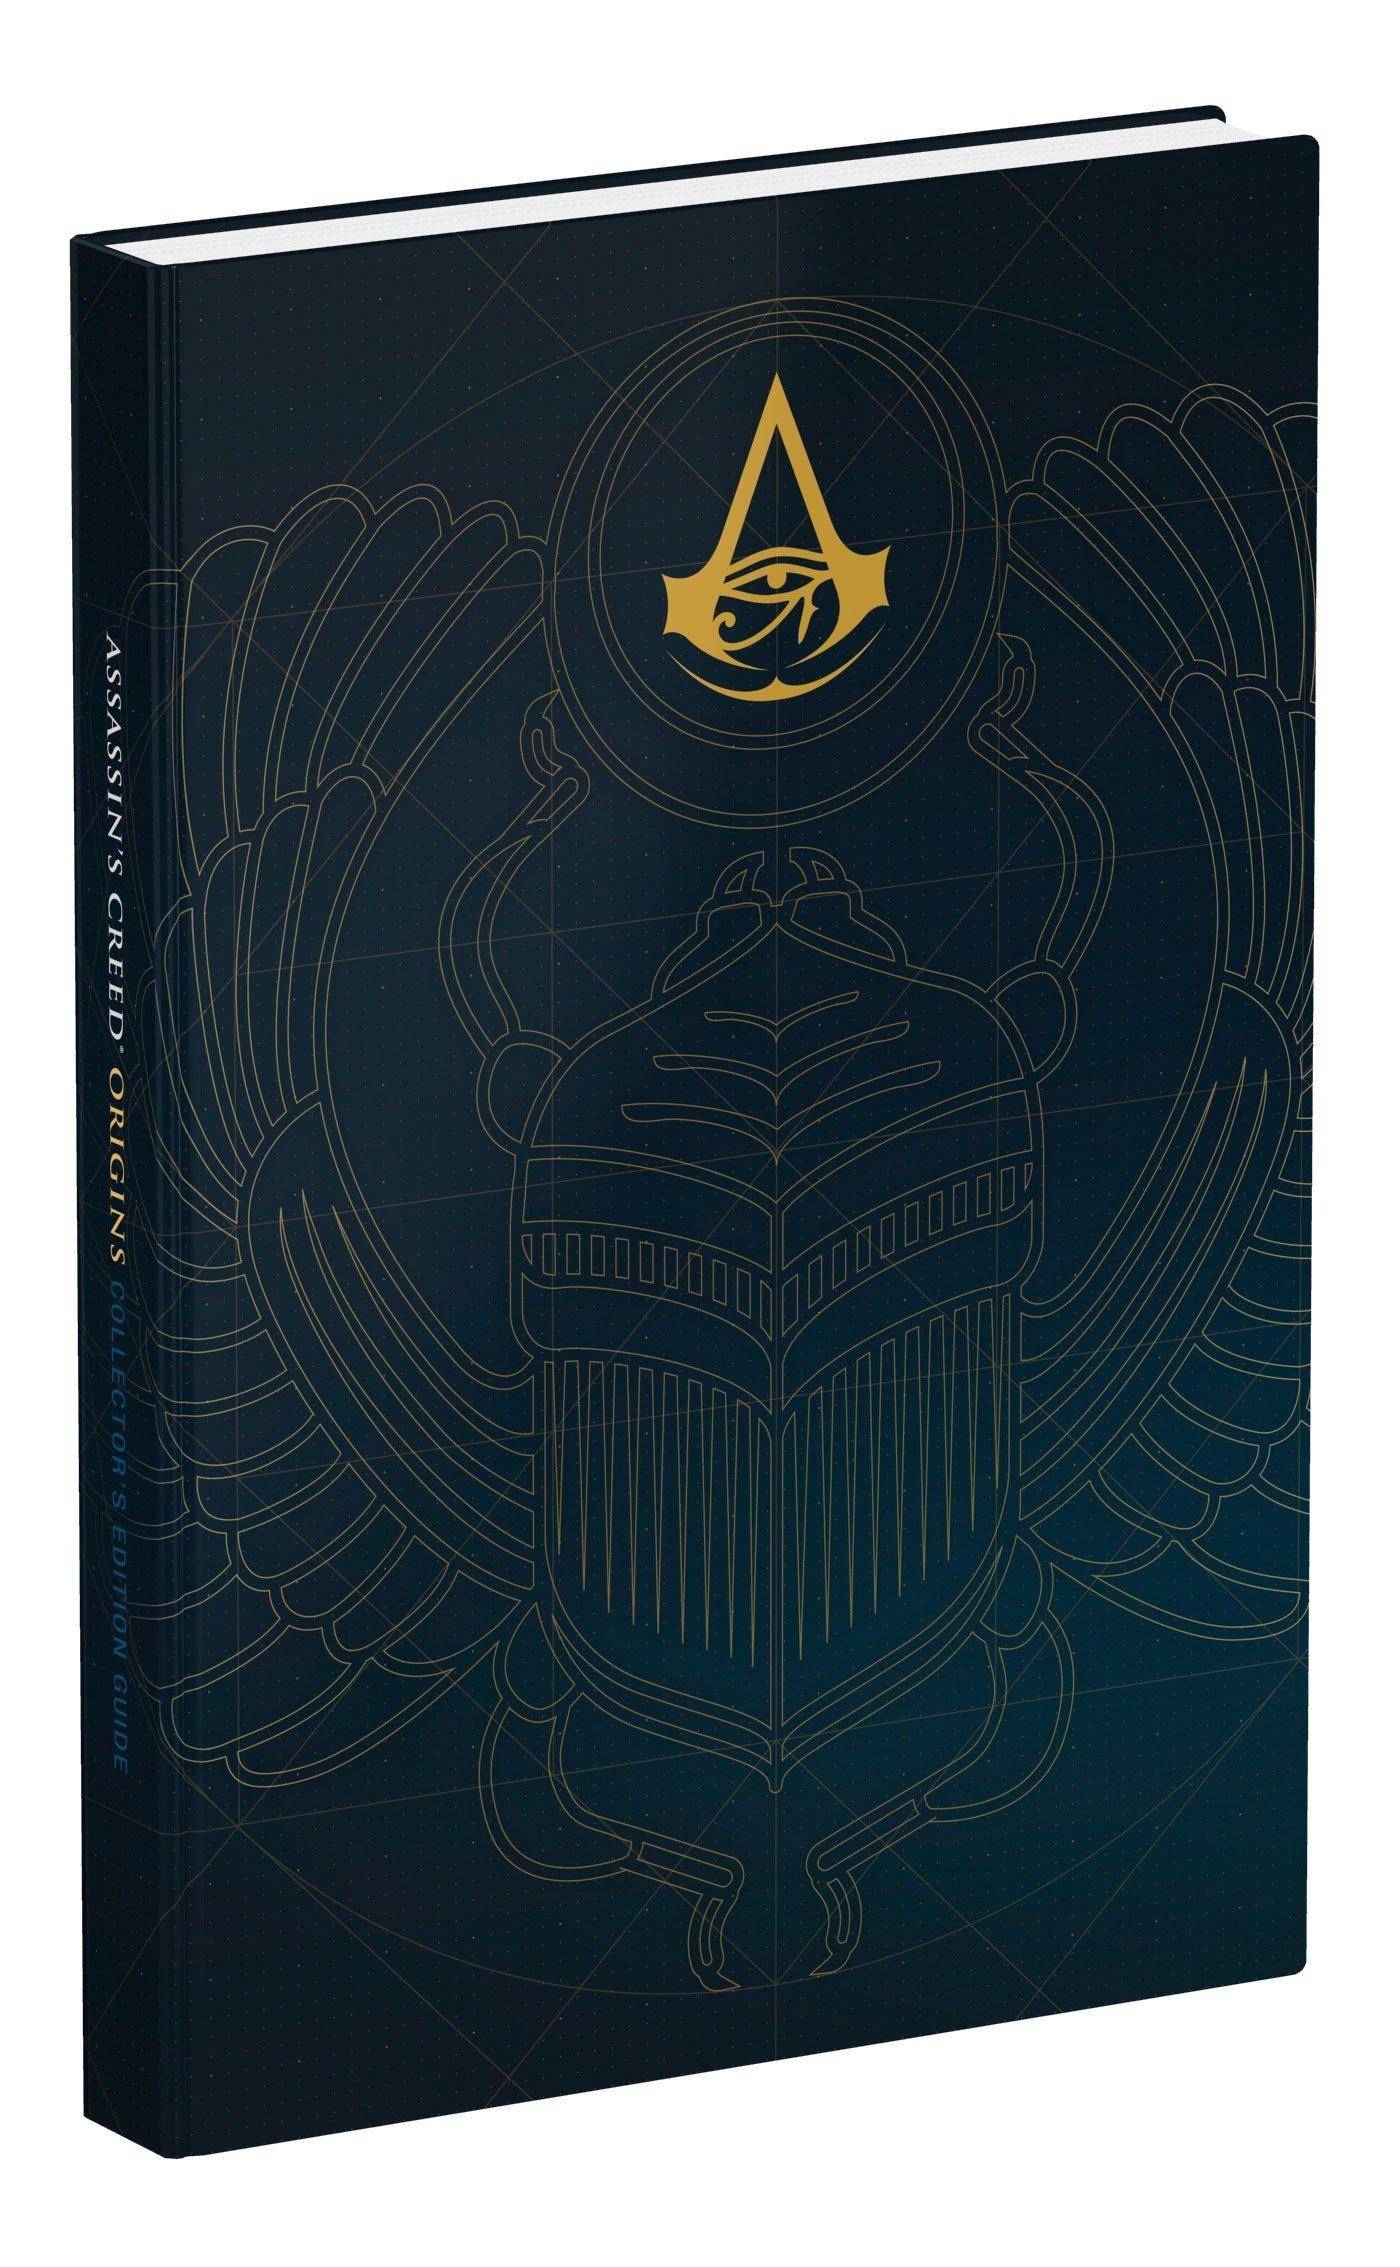 Assassins Creed Origins Prima Collectors Edition Guide Games 9780744018615 Amazon Books